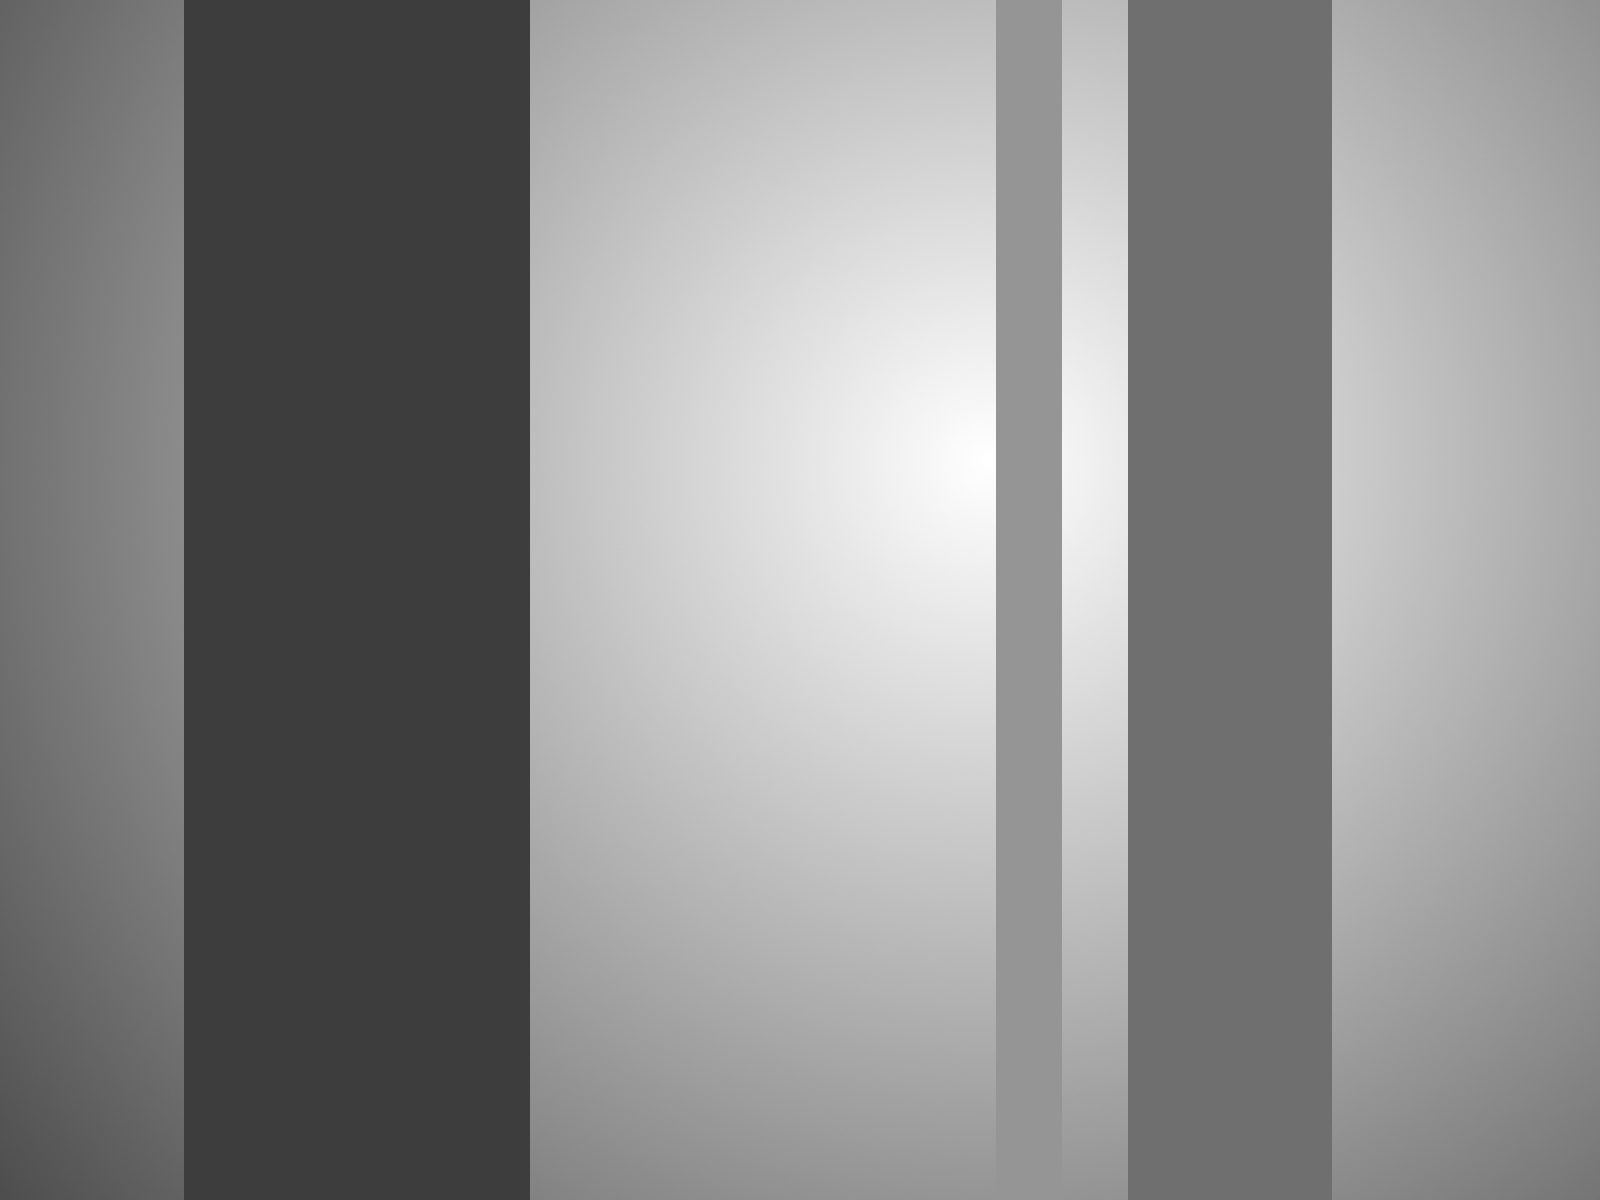 download next wallpaper prev wallpaper 1600x1200